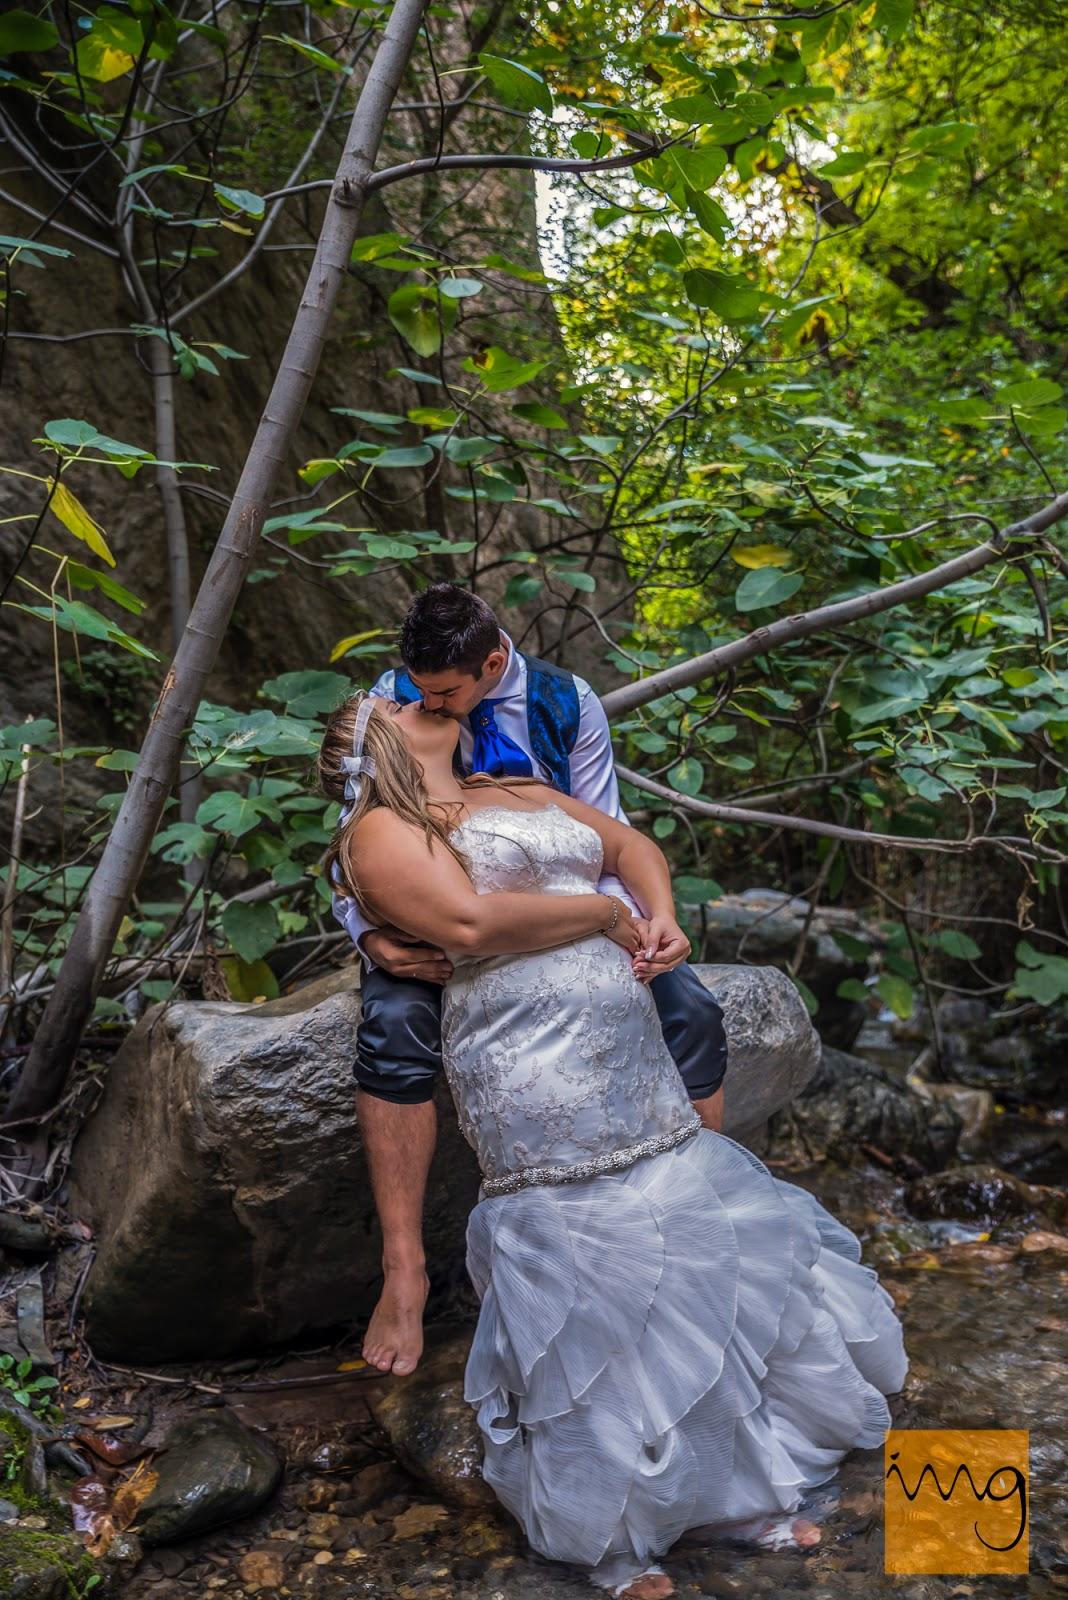 Beso romántico en los Cahorros